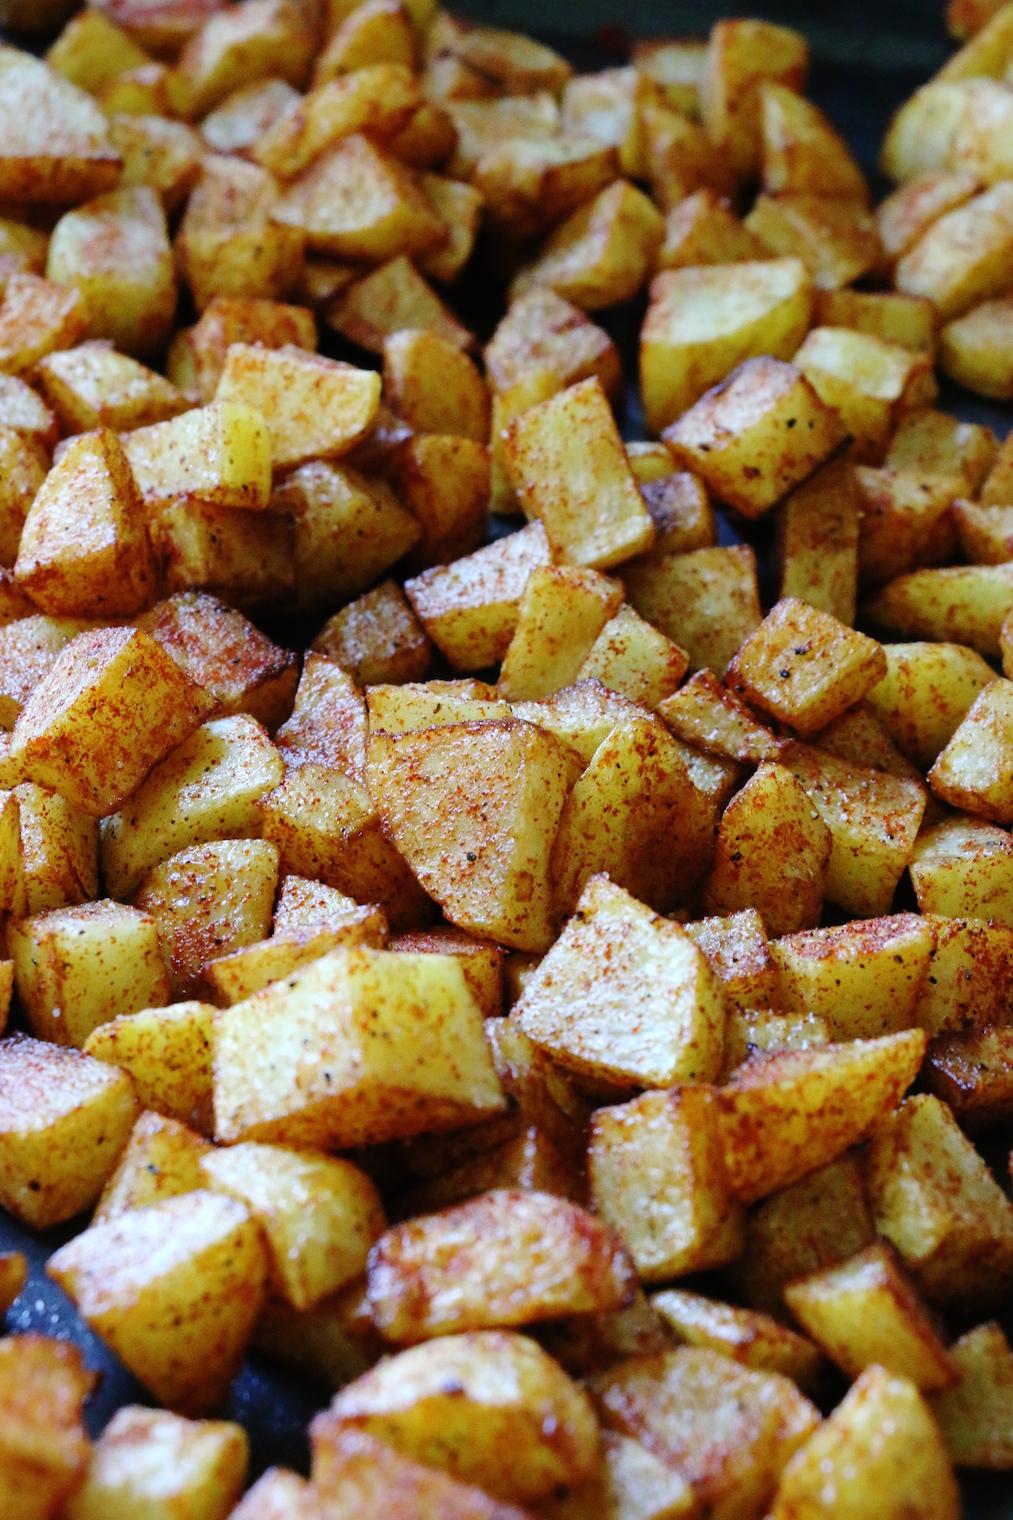 fried potatoes | www.savormania.com